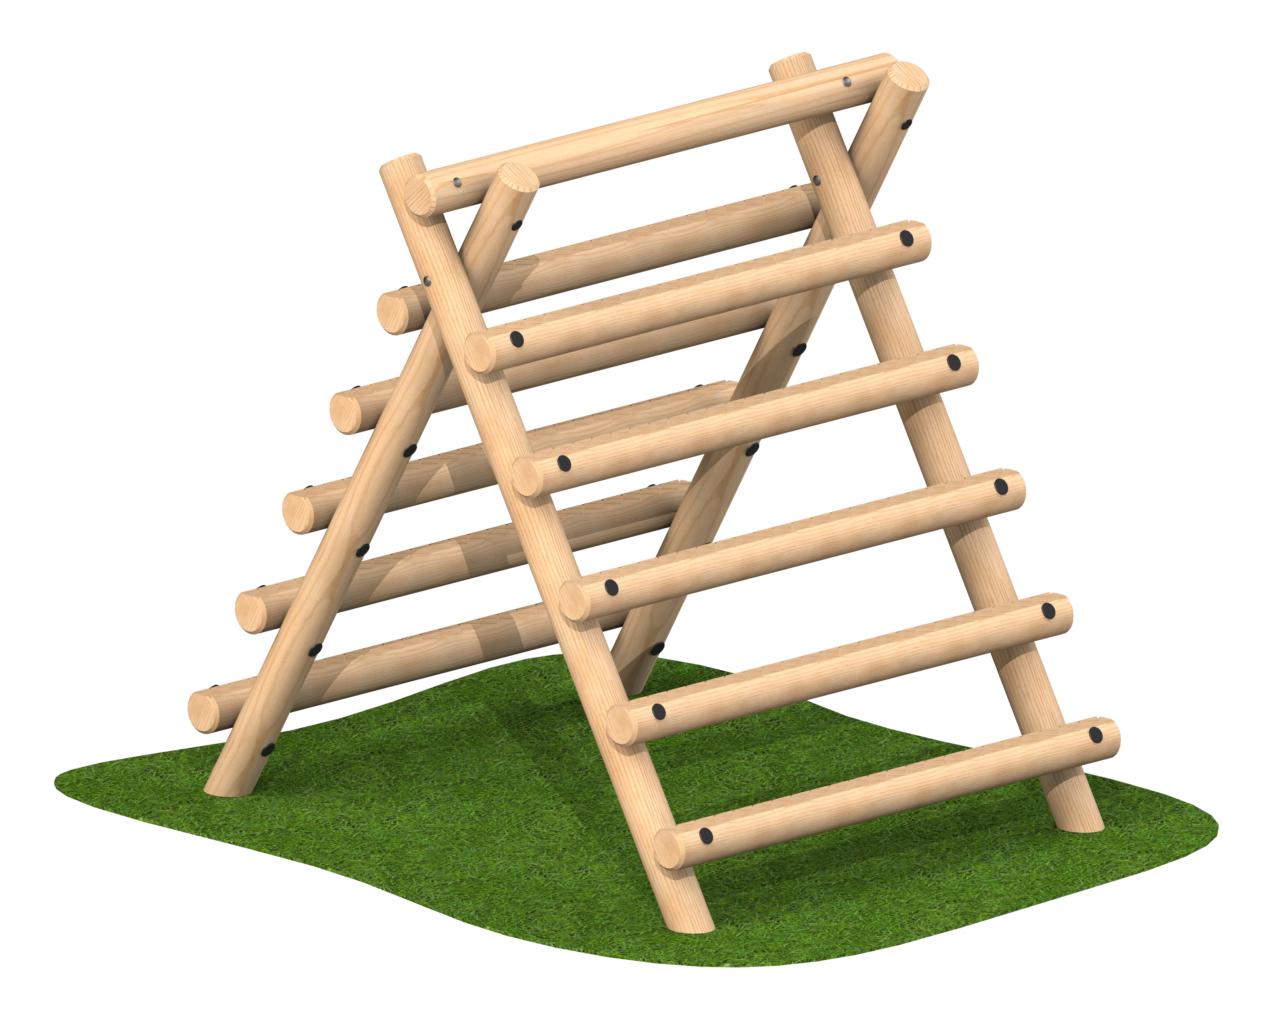 קיר טיפוס משולש מבולי עץ